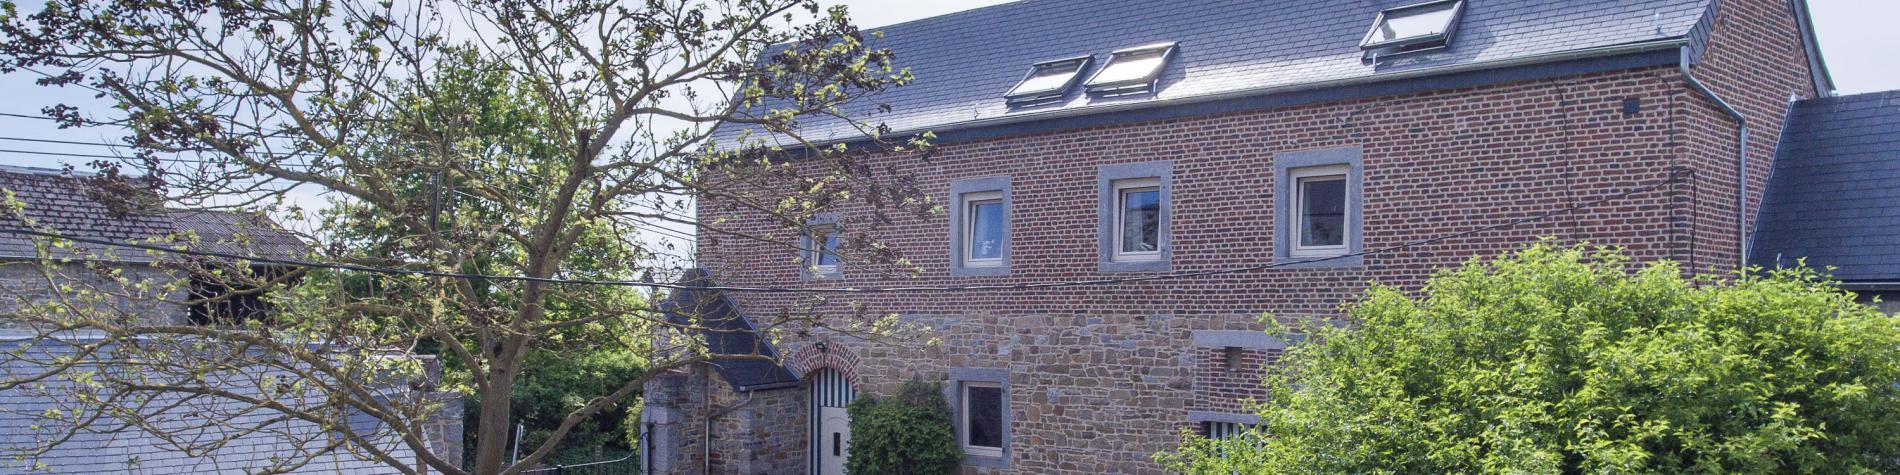 Gîte rural - Ferme croquette - Ancienne Ecole - Evrehailles